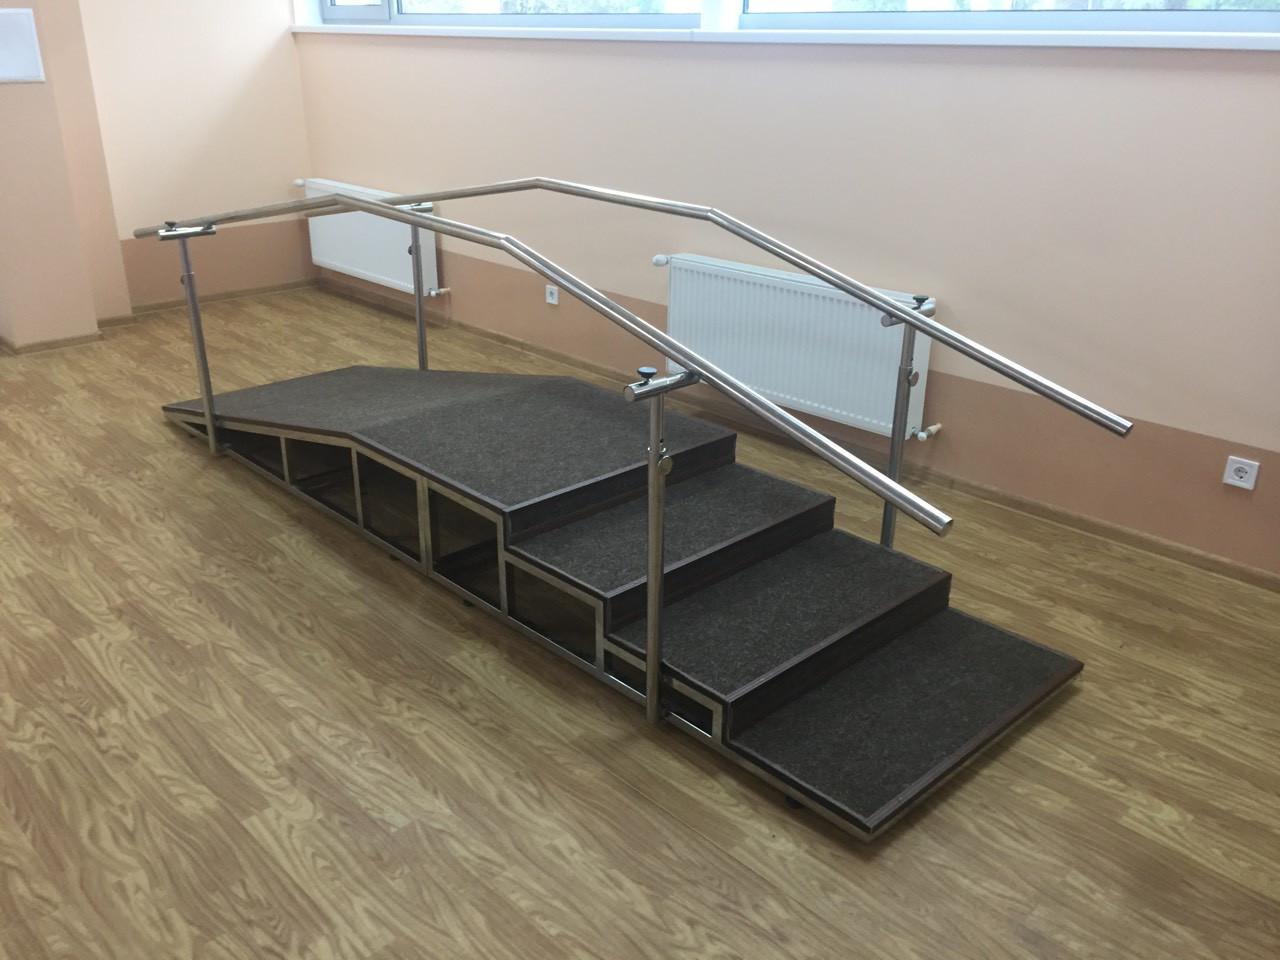 Лестница универсальная для обучения ходьбе с наклонной рампой